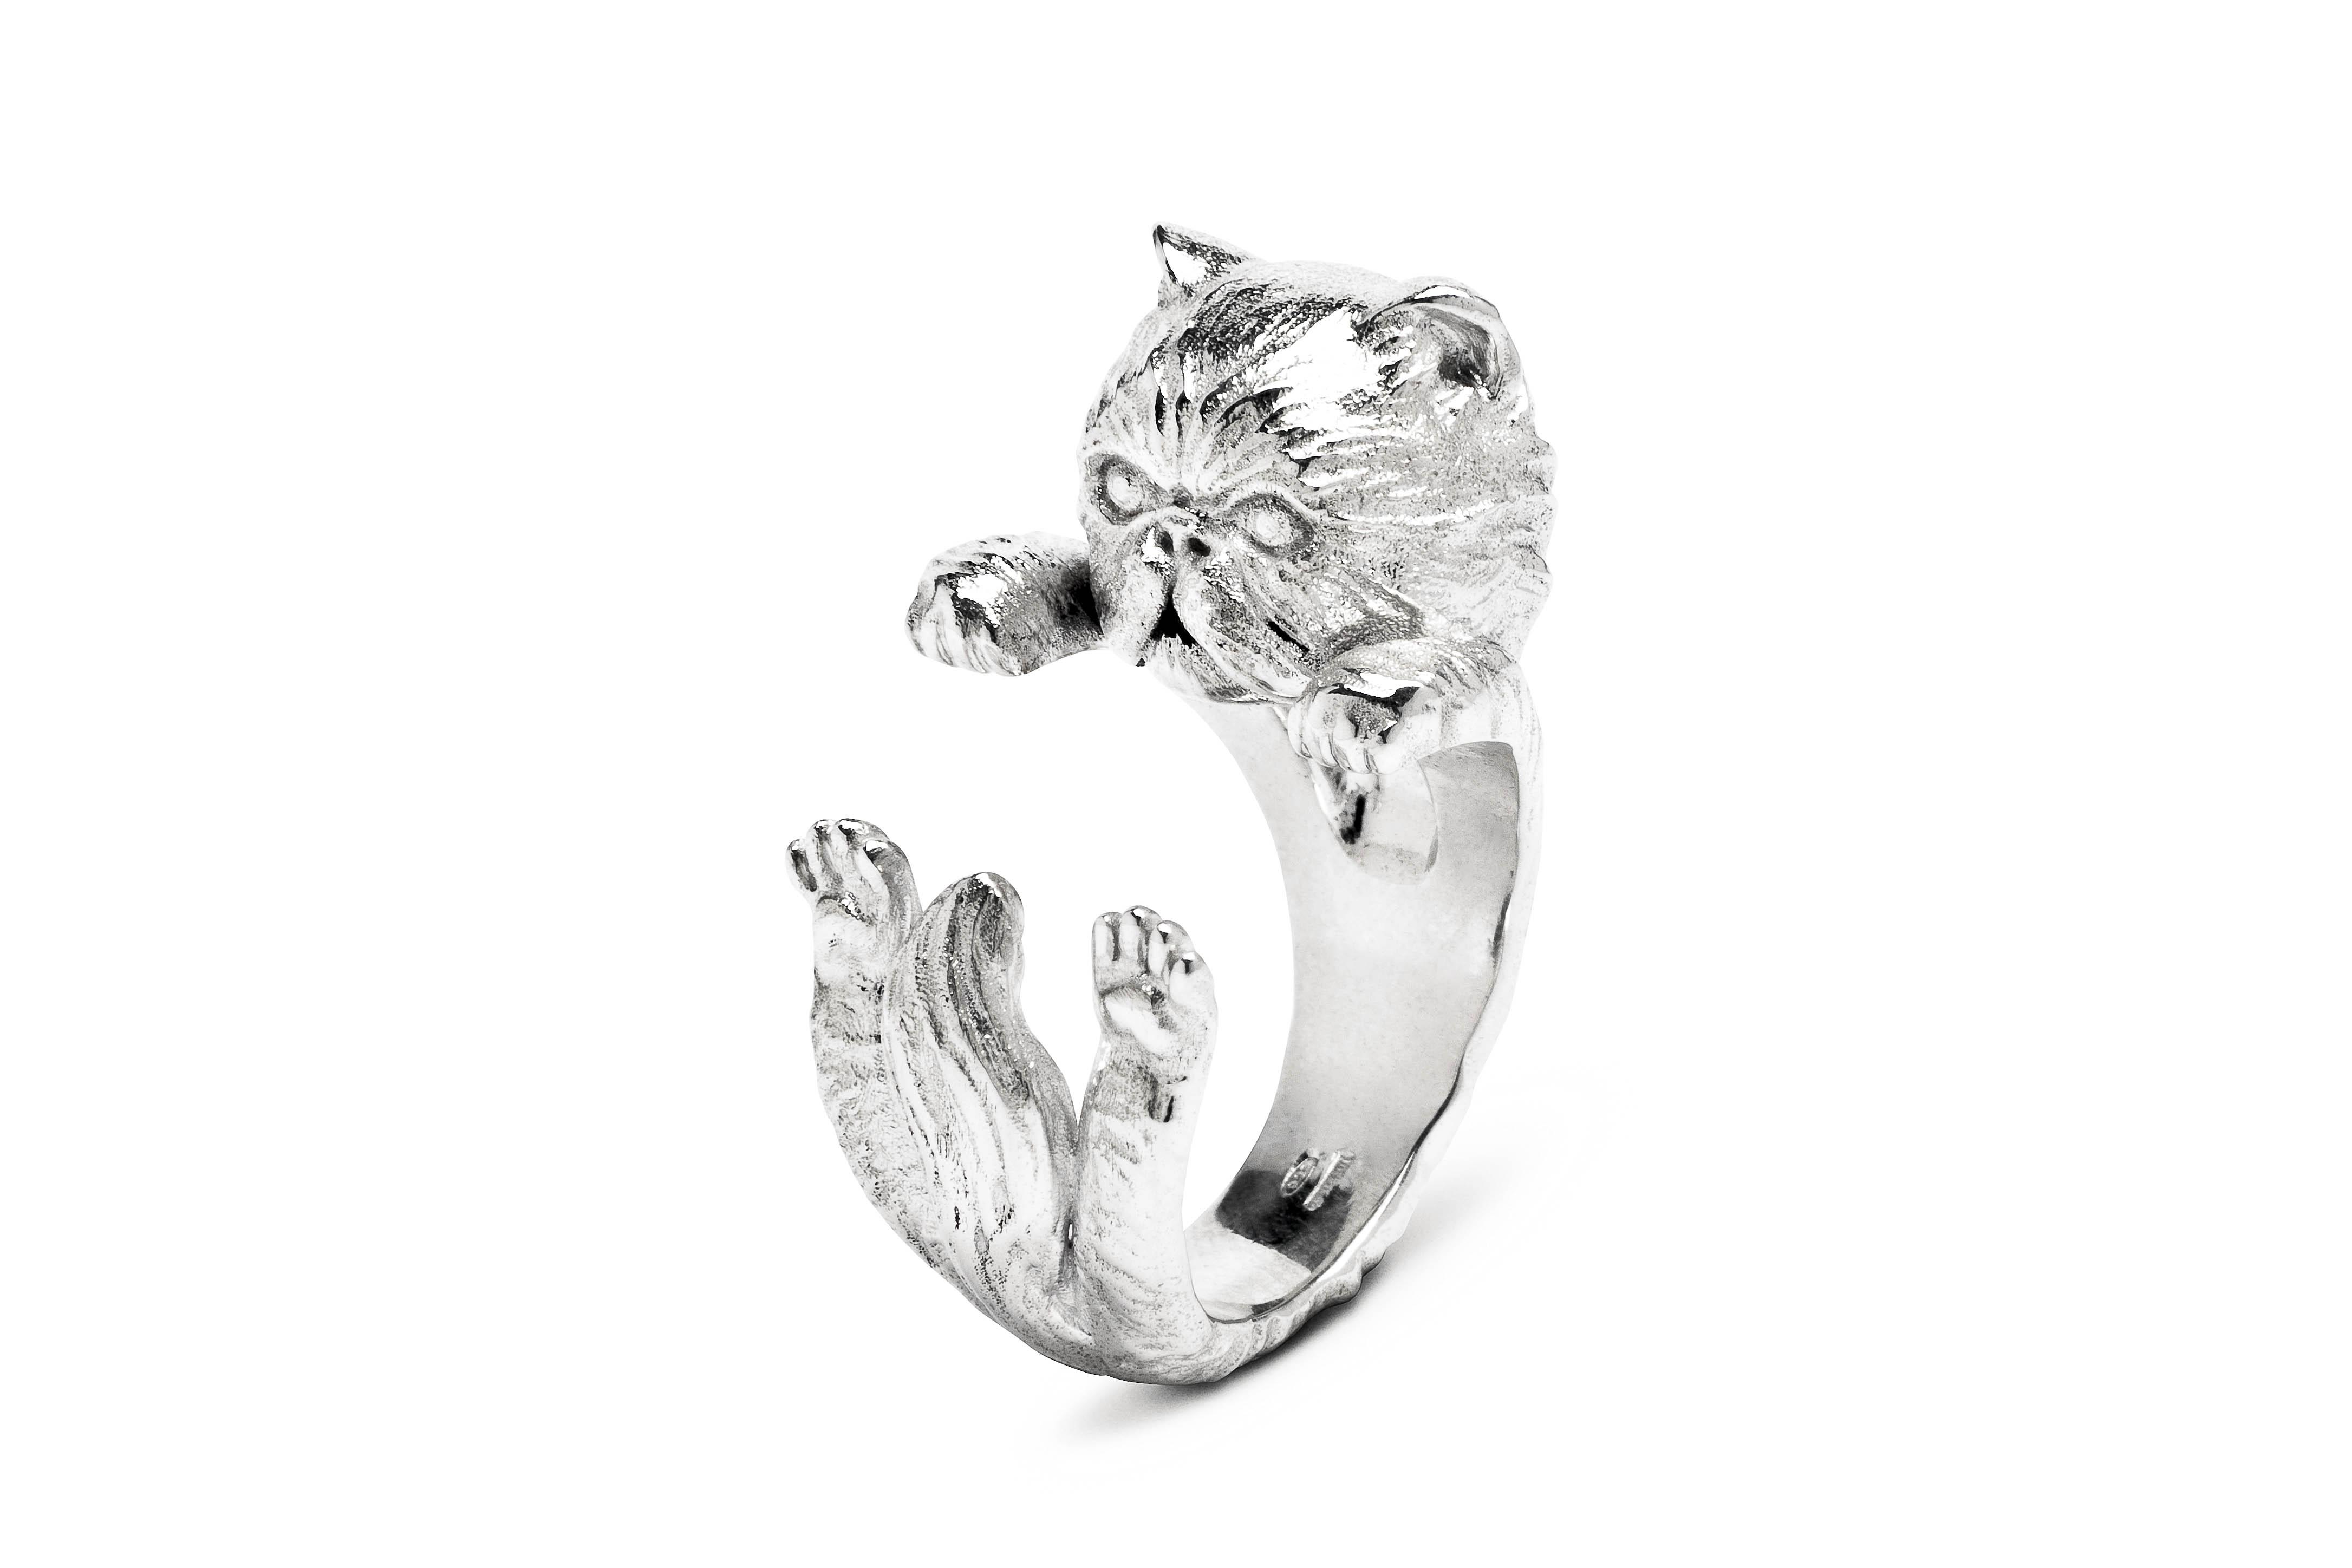 Persiano_Hug Ring_silver_DIAGONAL_HIGH